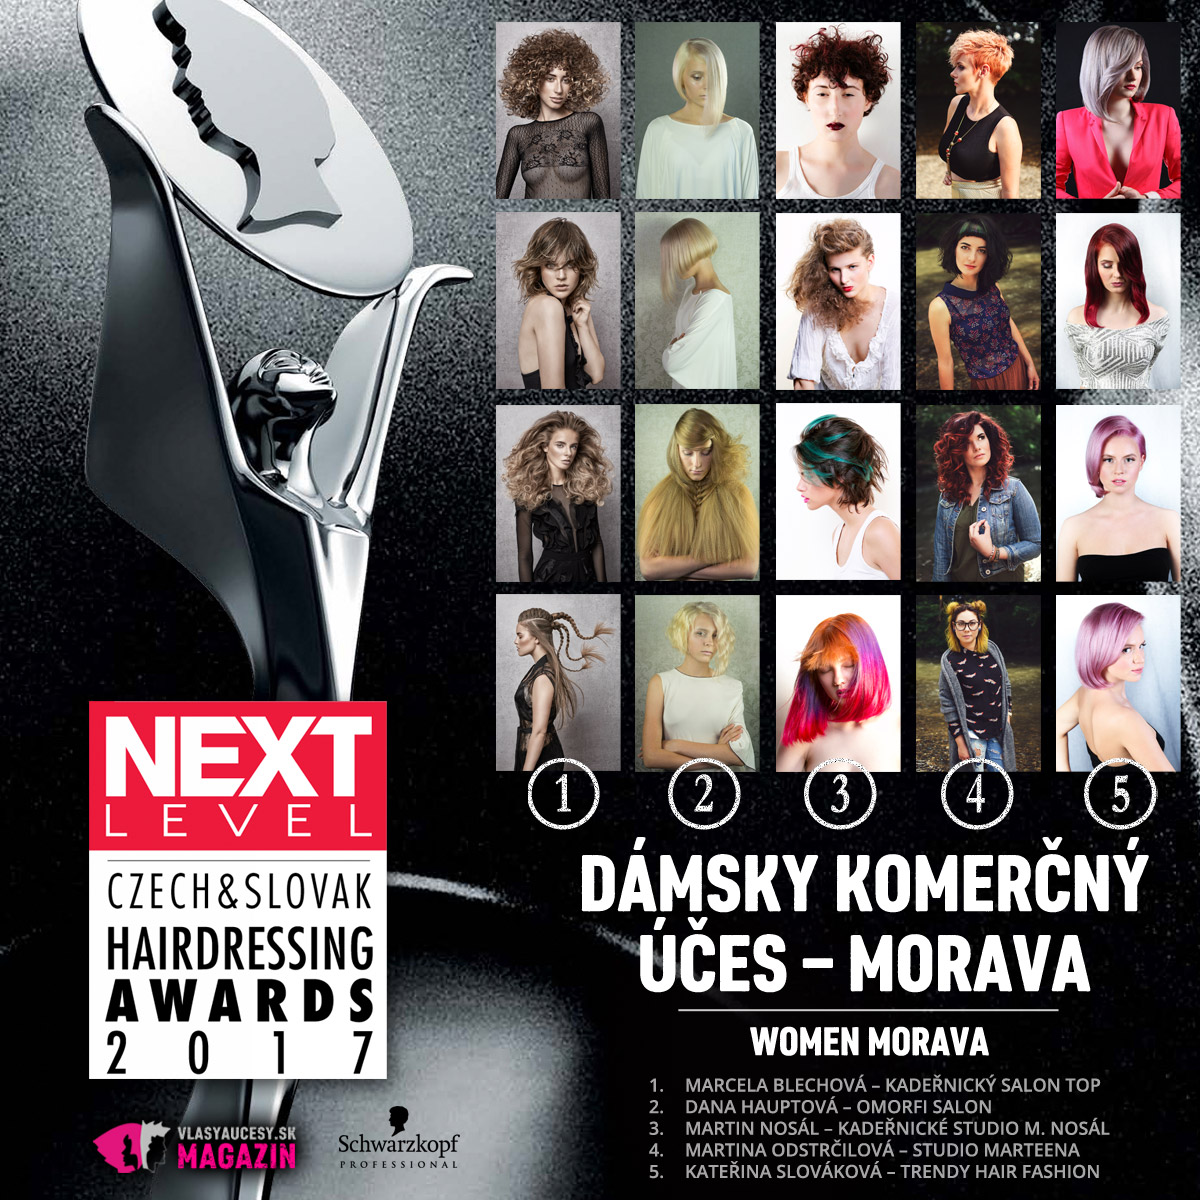 Czech&Slovak Hairdressing Awards 2017 – kategória Dámsky komerčný účes Morava.